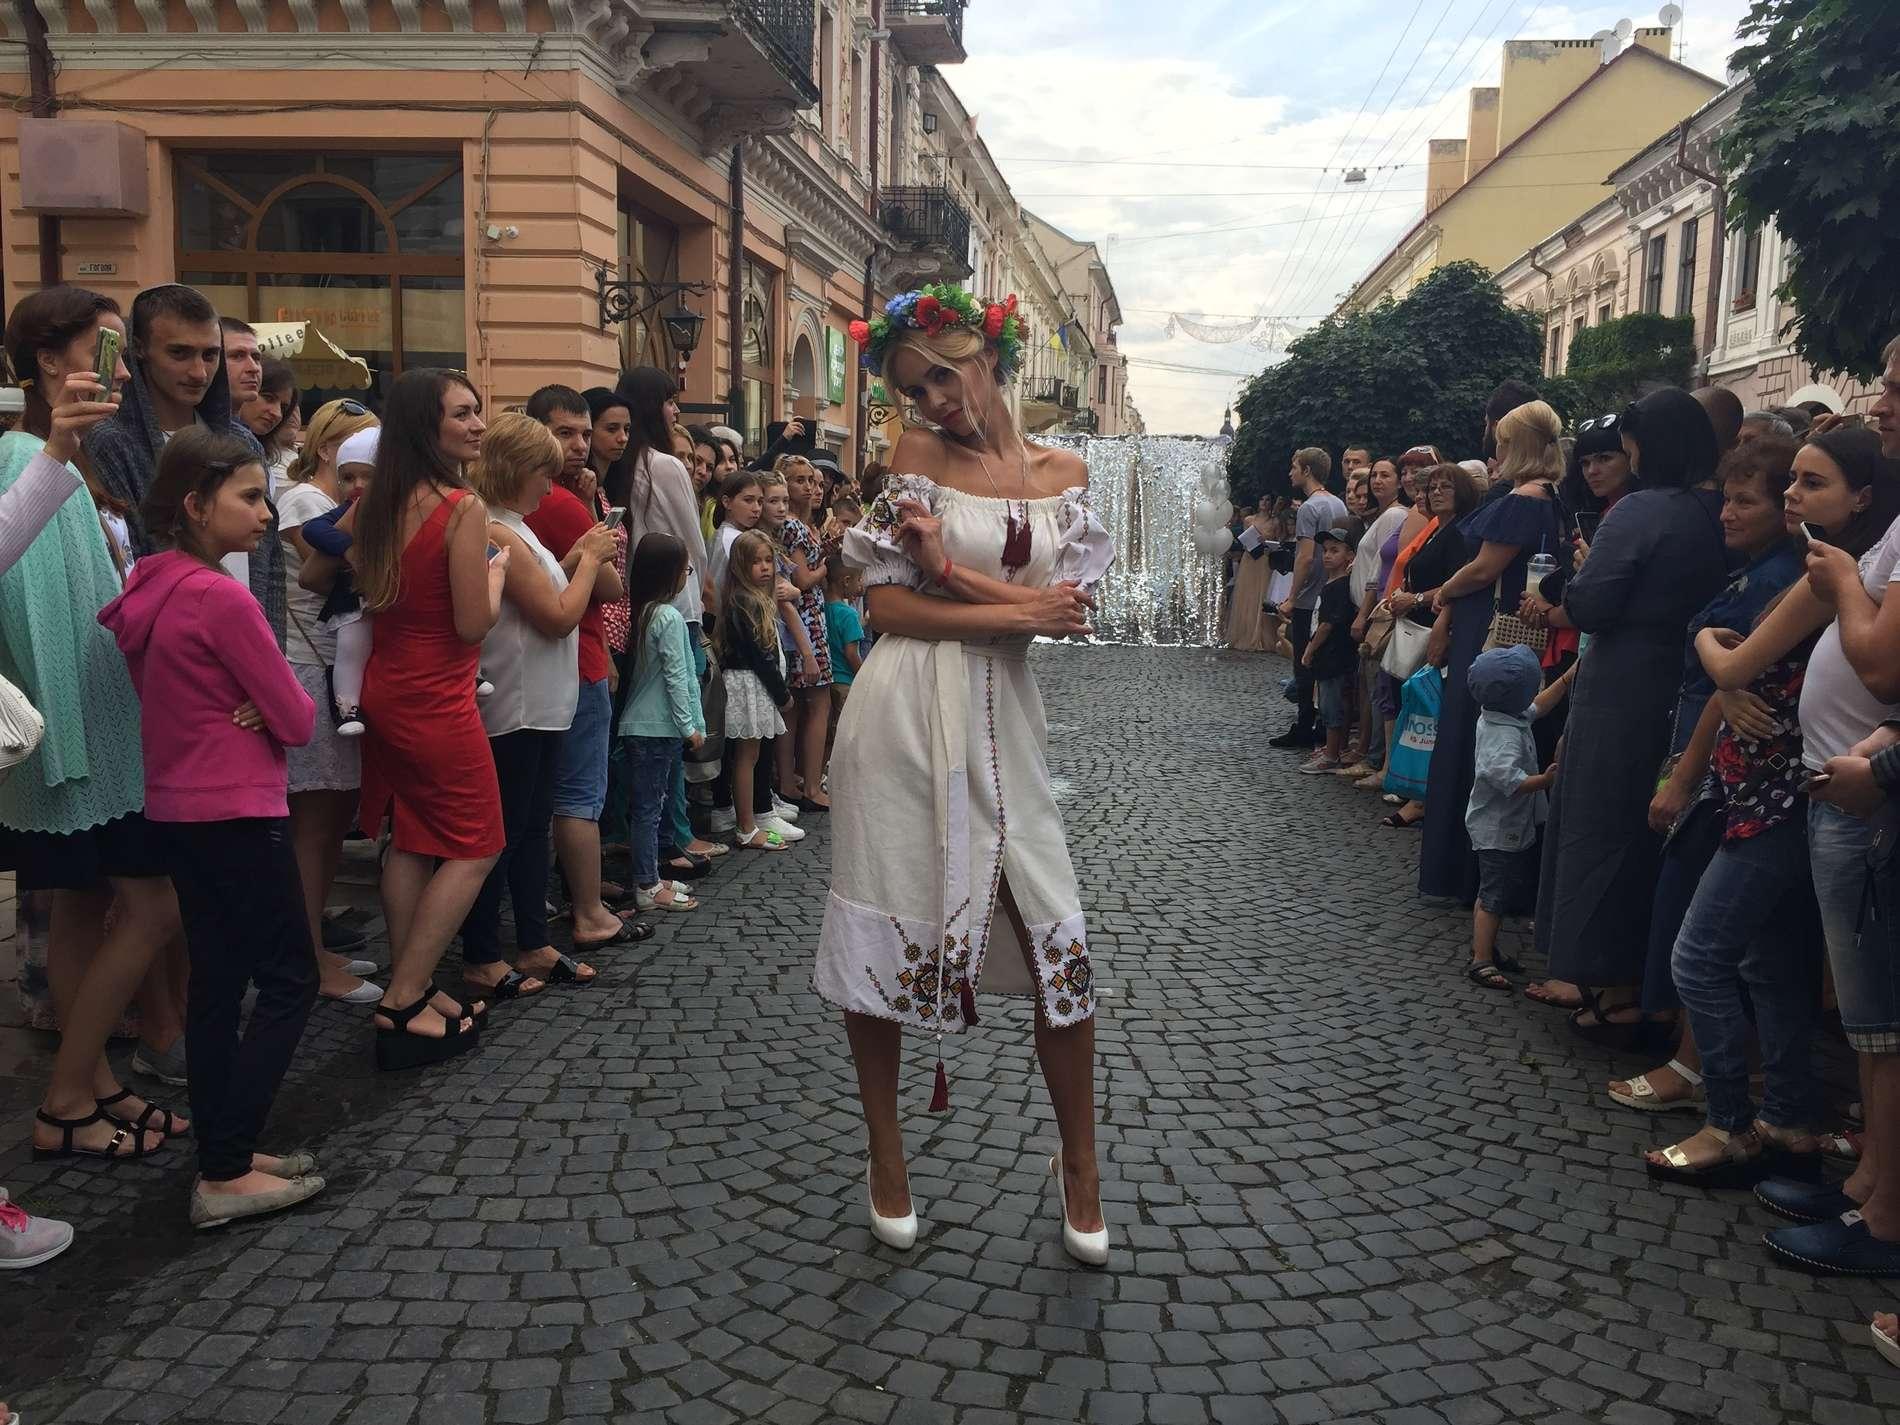 На вул. Кобилянської в Чернівцях дефілювали у вечірніх й весільних сукнях та білизні